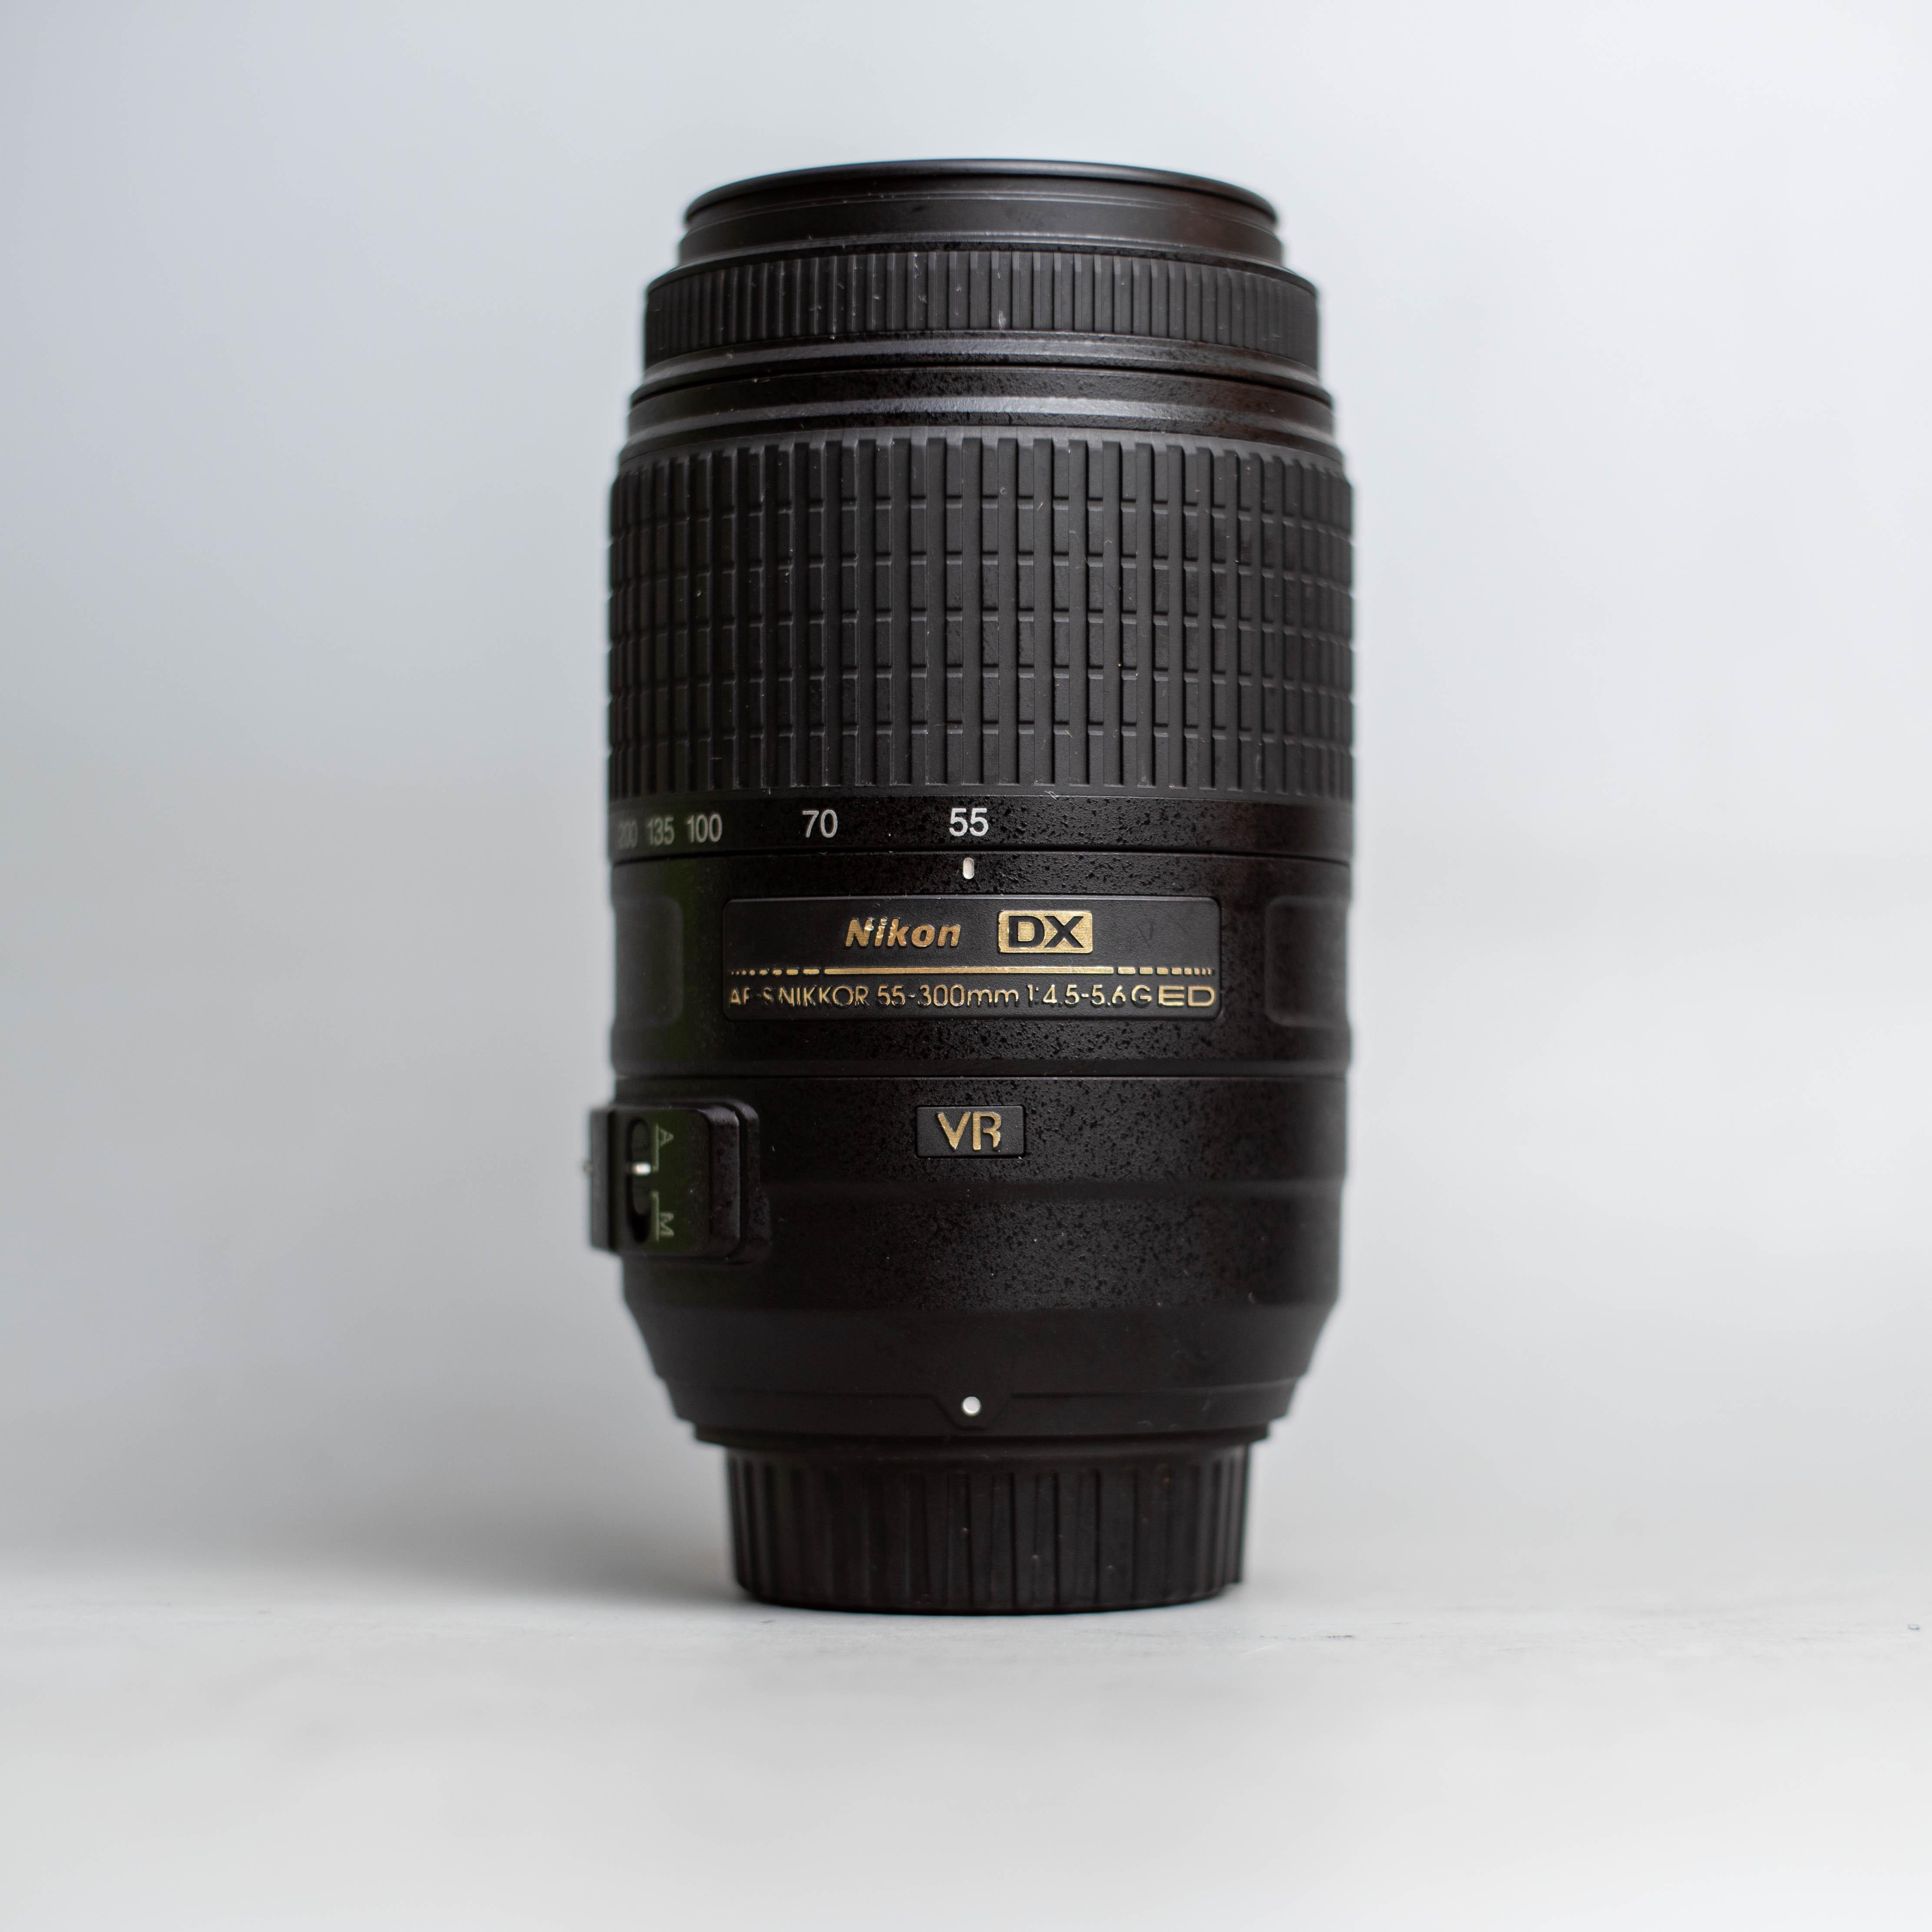 nikon-55-300mm-f4-5-5-6-af-s-vr-55-300-4-5-5-6-18728